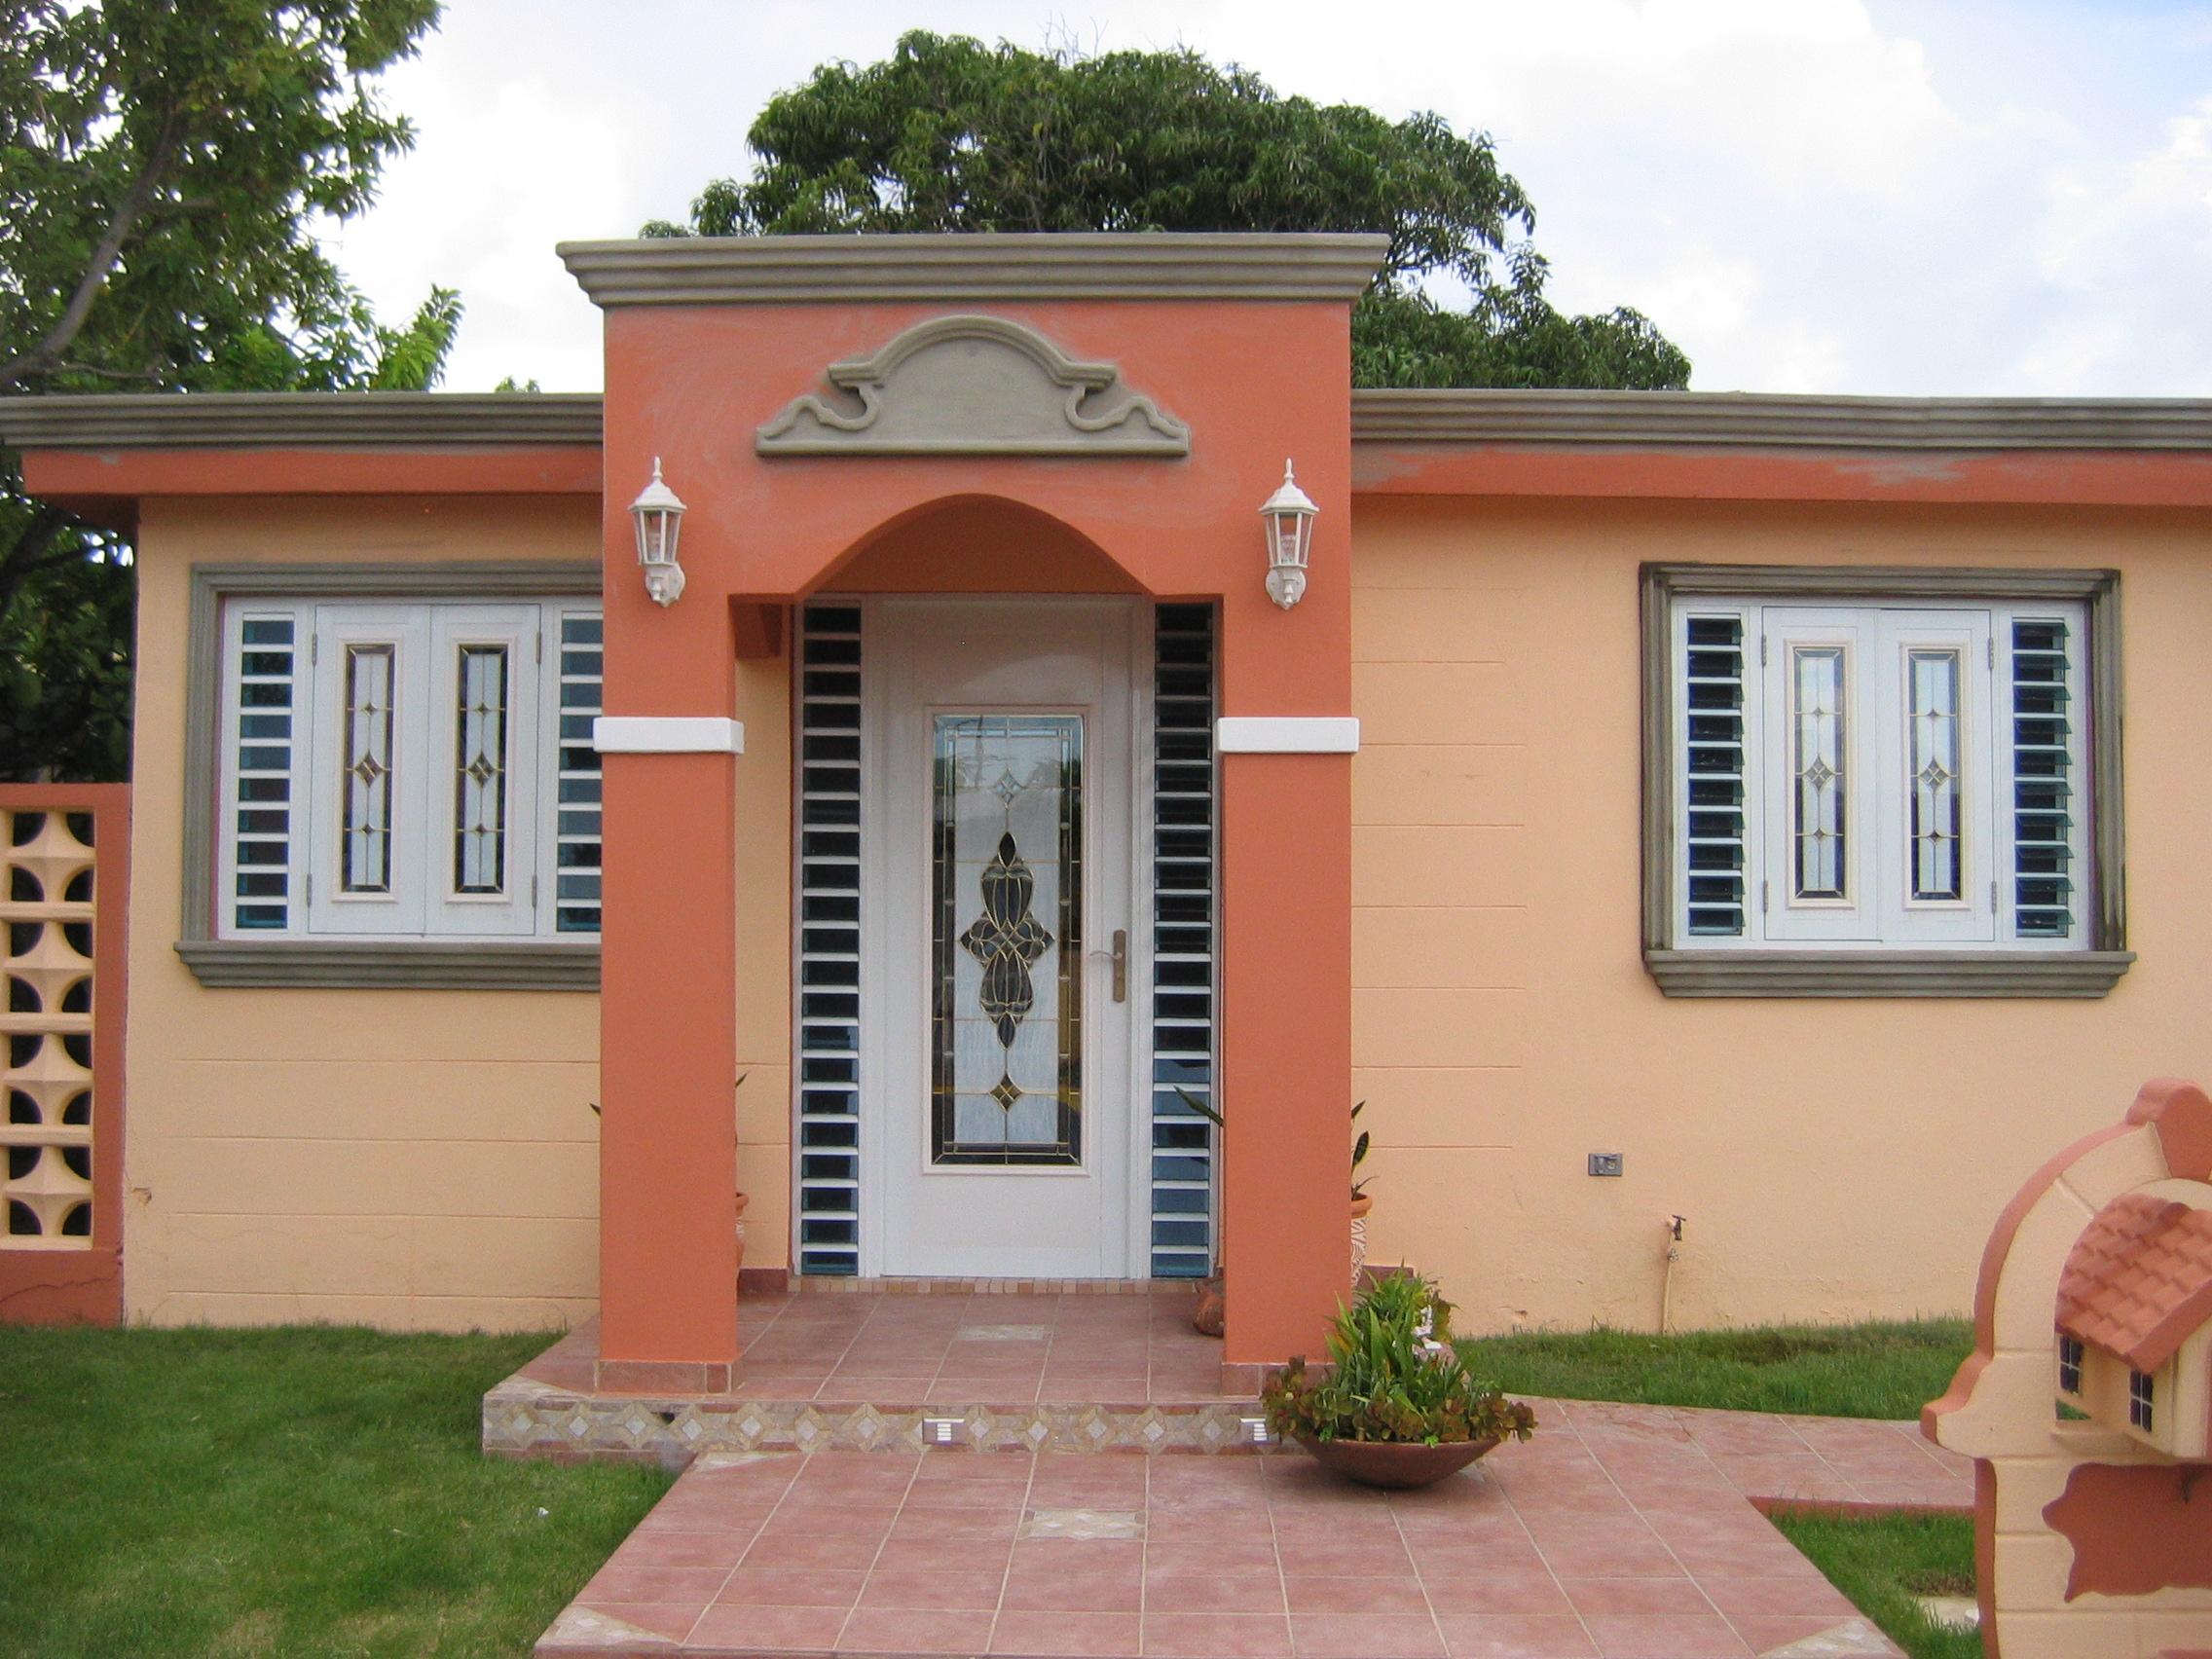 Pin molduras cemento para decoracion exteriores genuardis - Molduras para exteriores ...